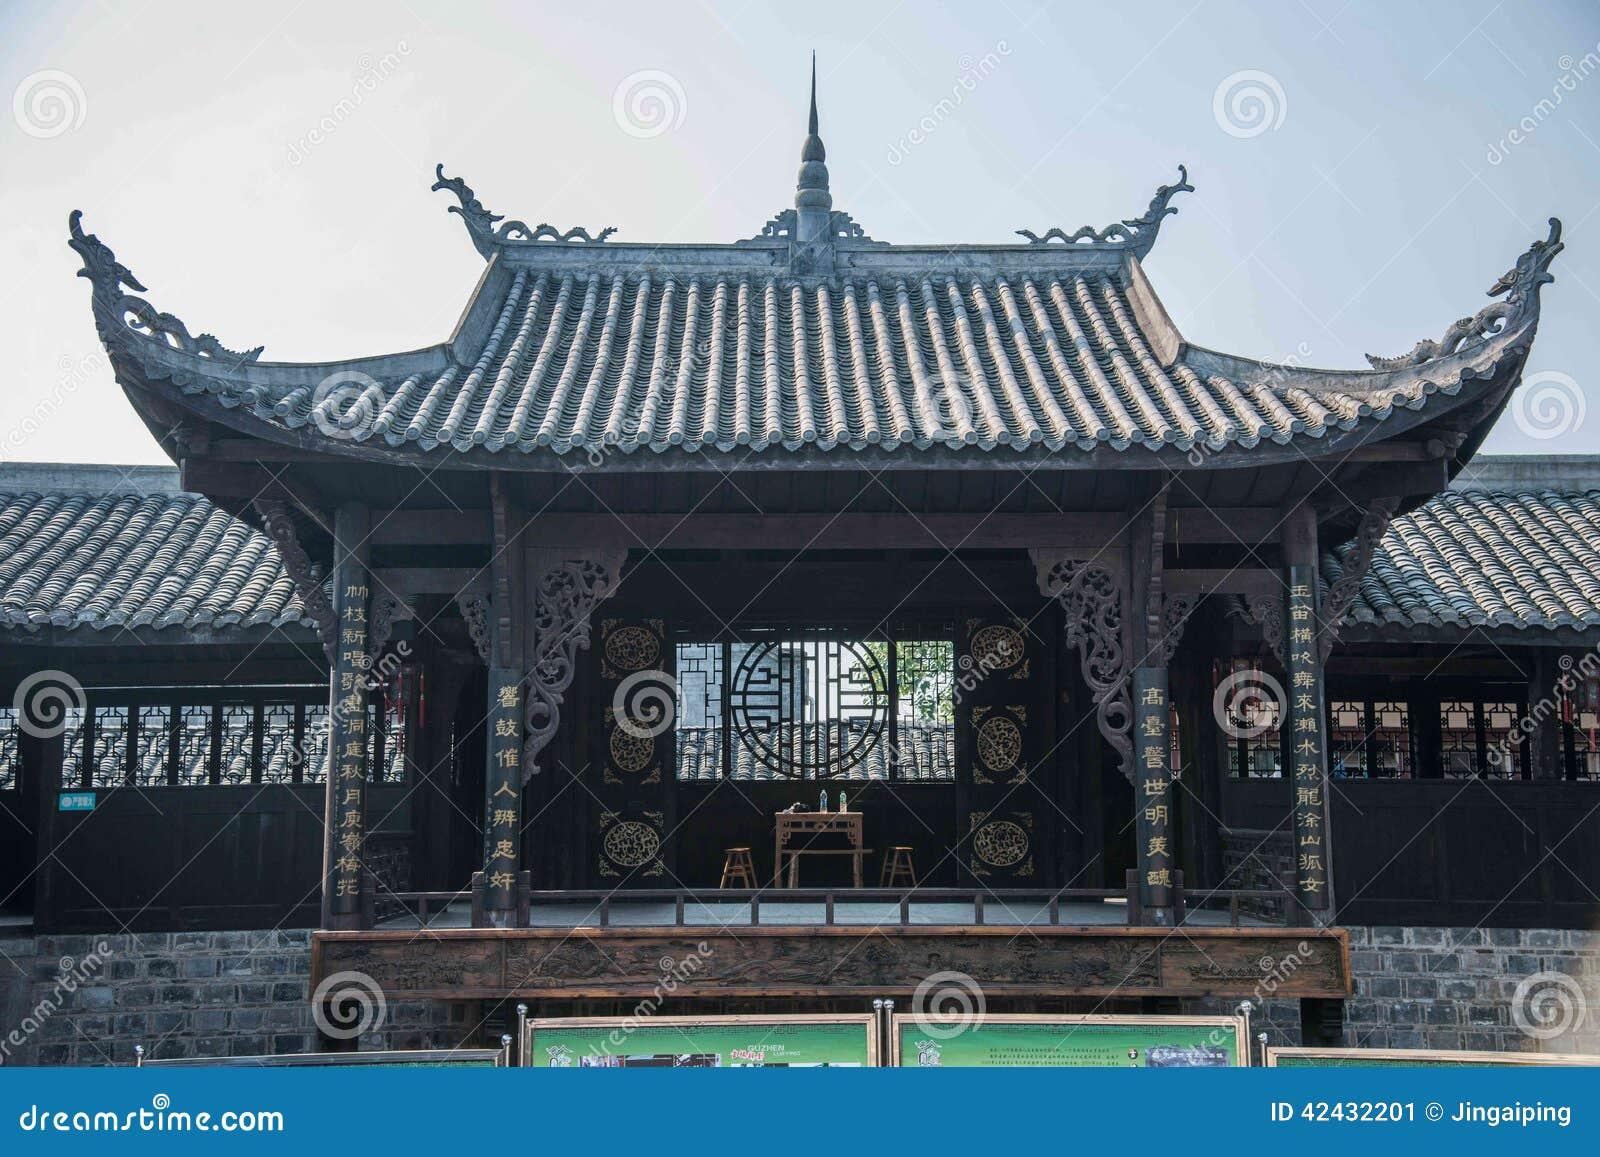 Teatro de Huguang de la ciudad de Chongqing Rongchang Road Hole